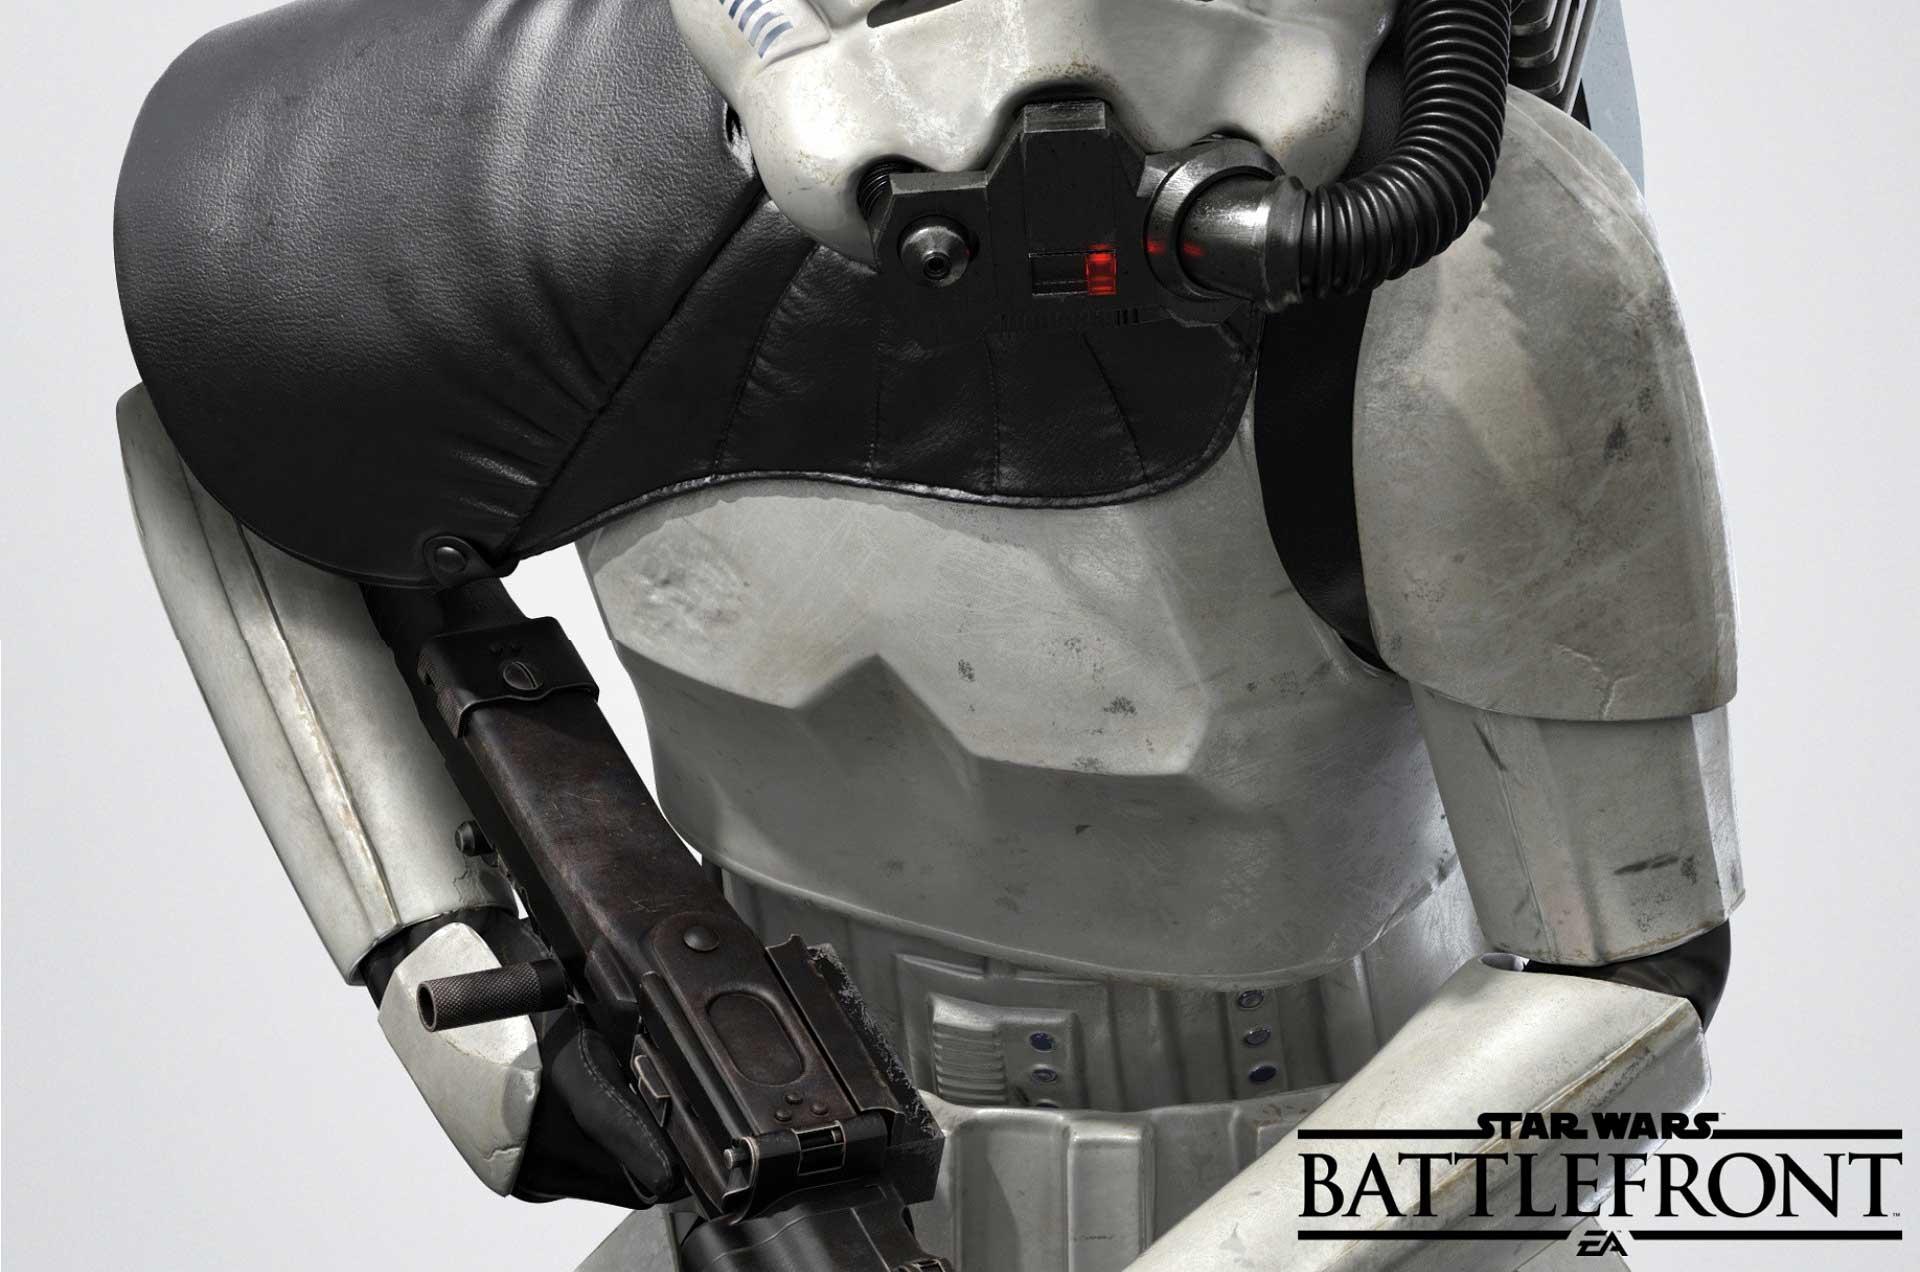 star_wars_battlefront_teaser_image